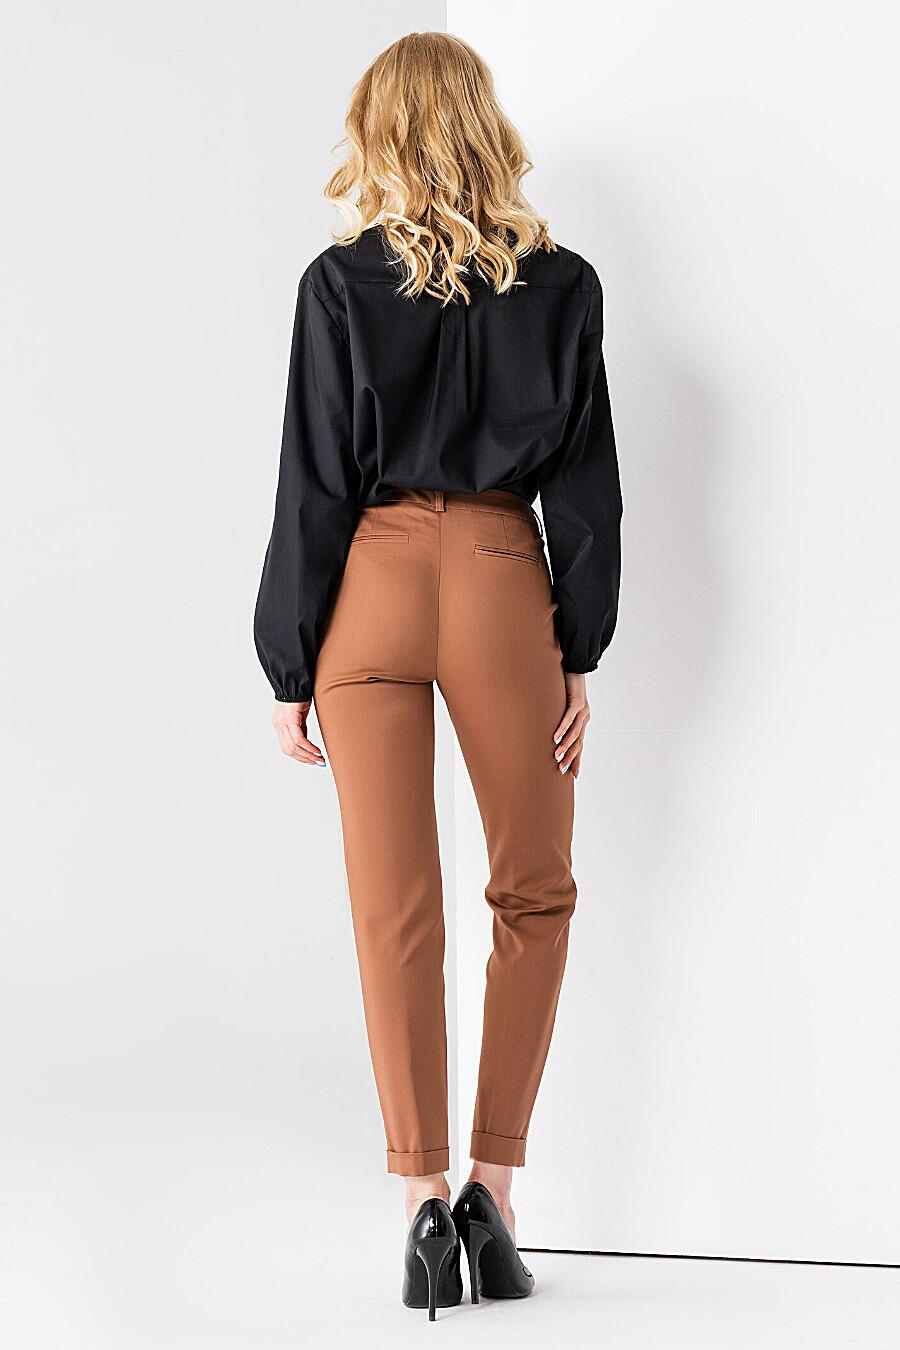 Брюки для женщин PANDA 700514 купить оптом от производителя. Совместная покупка женской одежды в OptMoyo